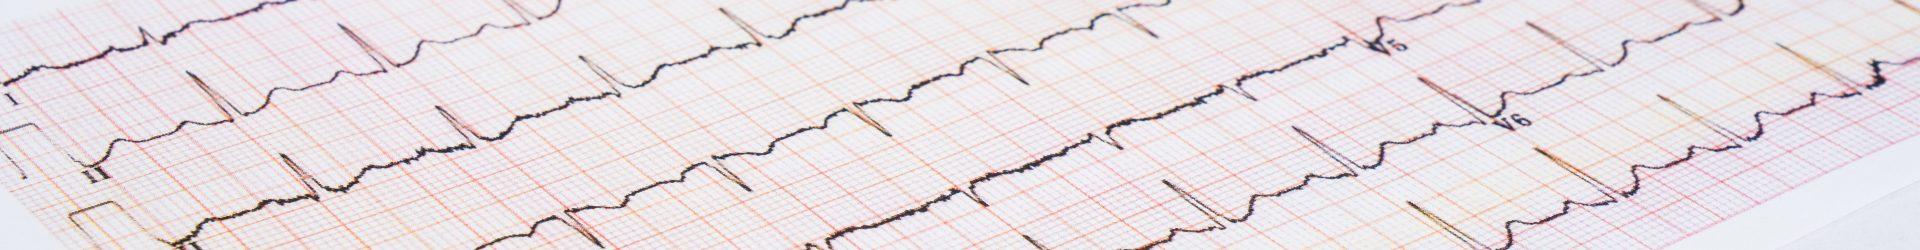 Kardiologische Praxis Dr. Boer